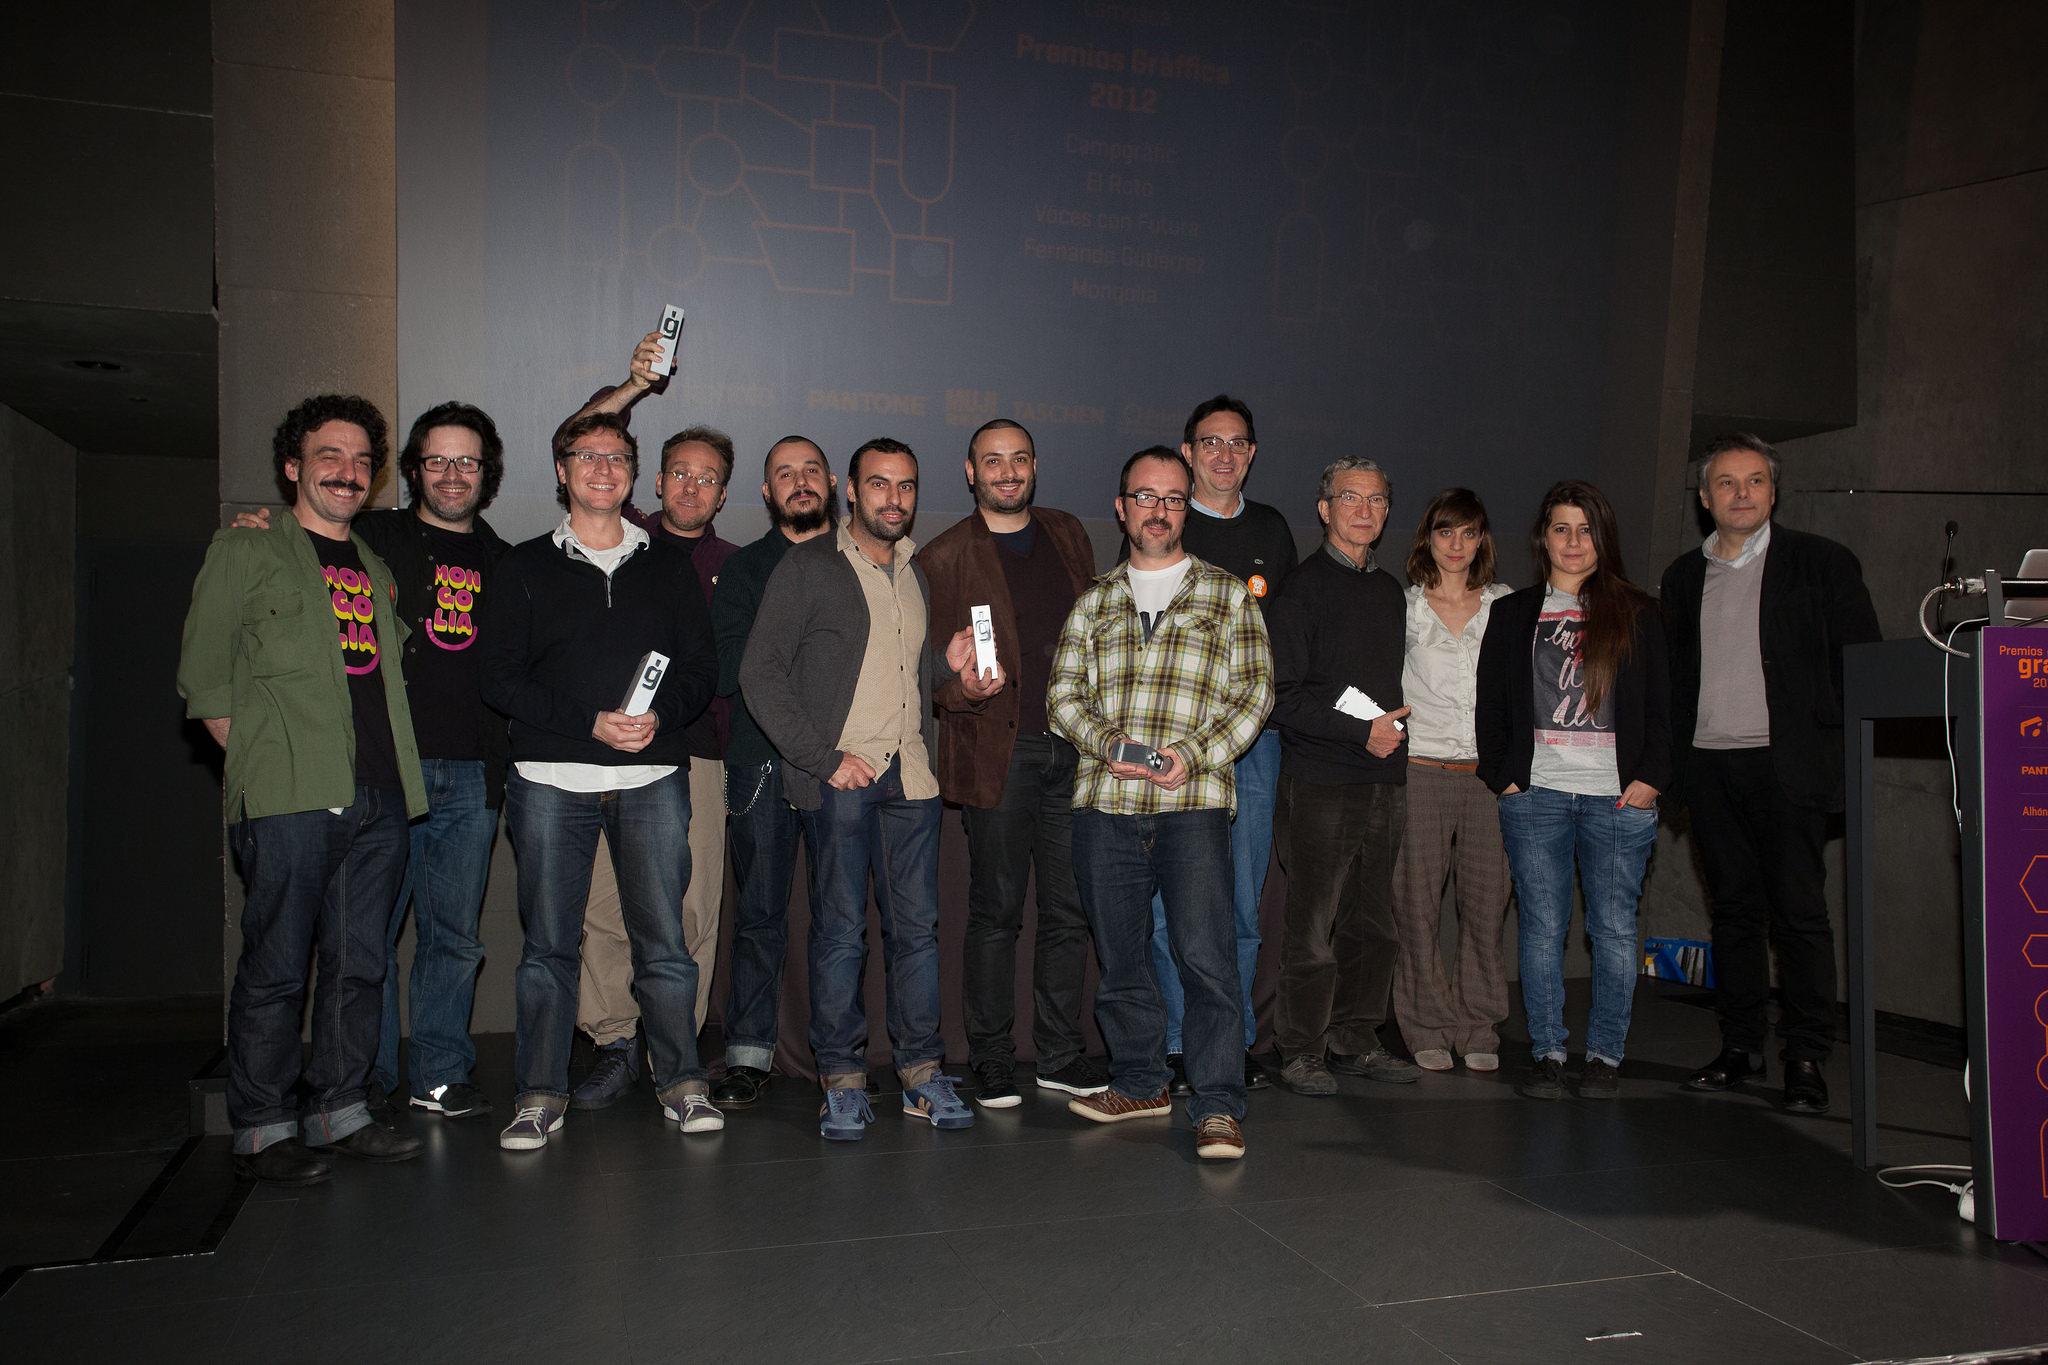 10 premiados con el trofeo en los Premios Gràffica 2012 Bilbao